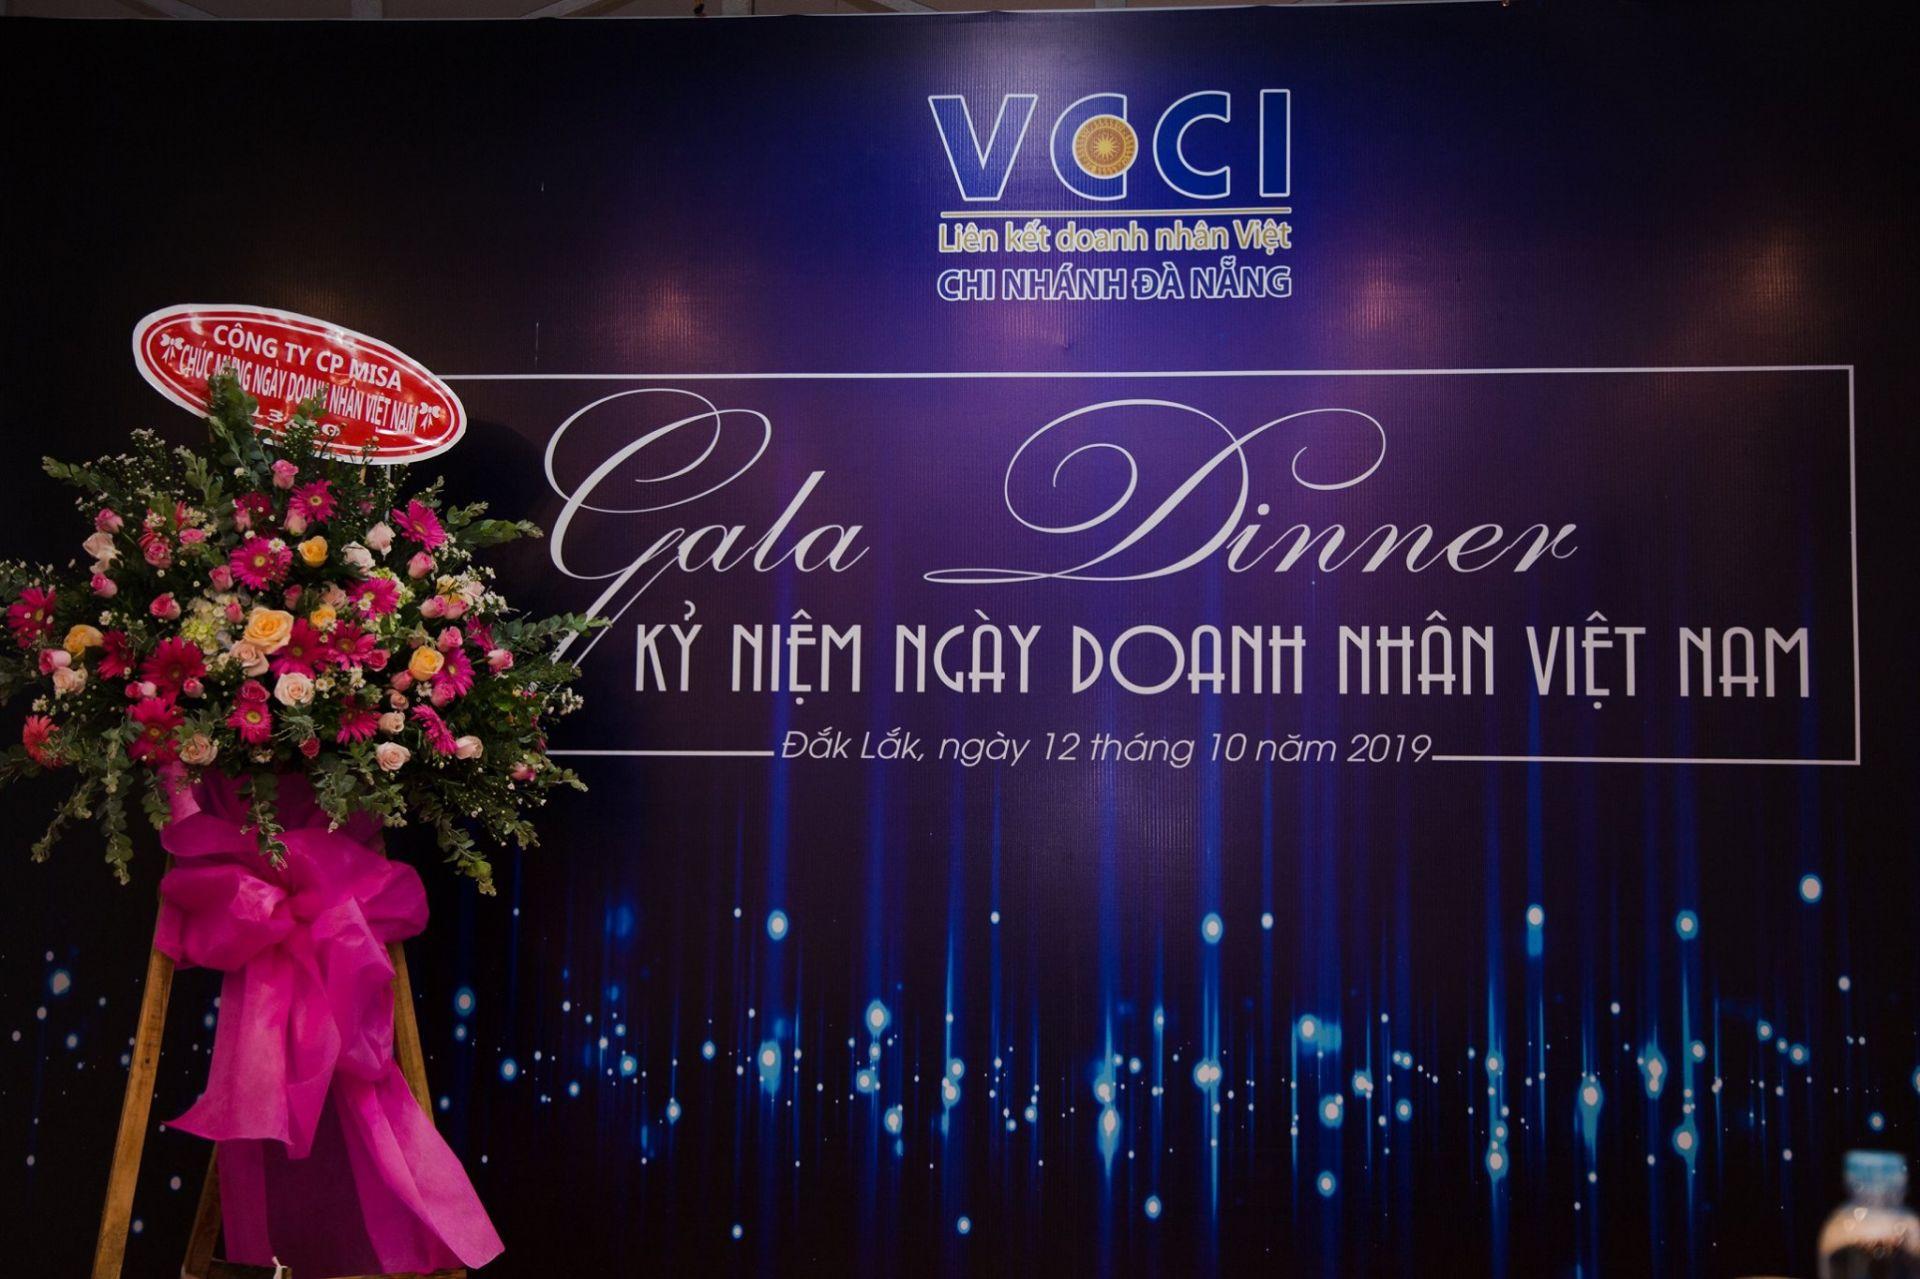 VCCI tổ chức kỷ niệm ngày doanh nhân Việt Nam